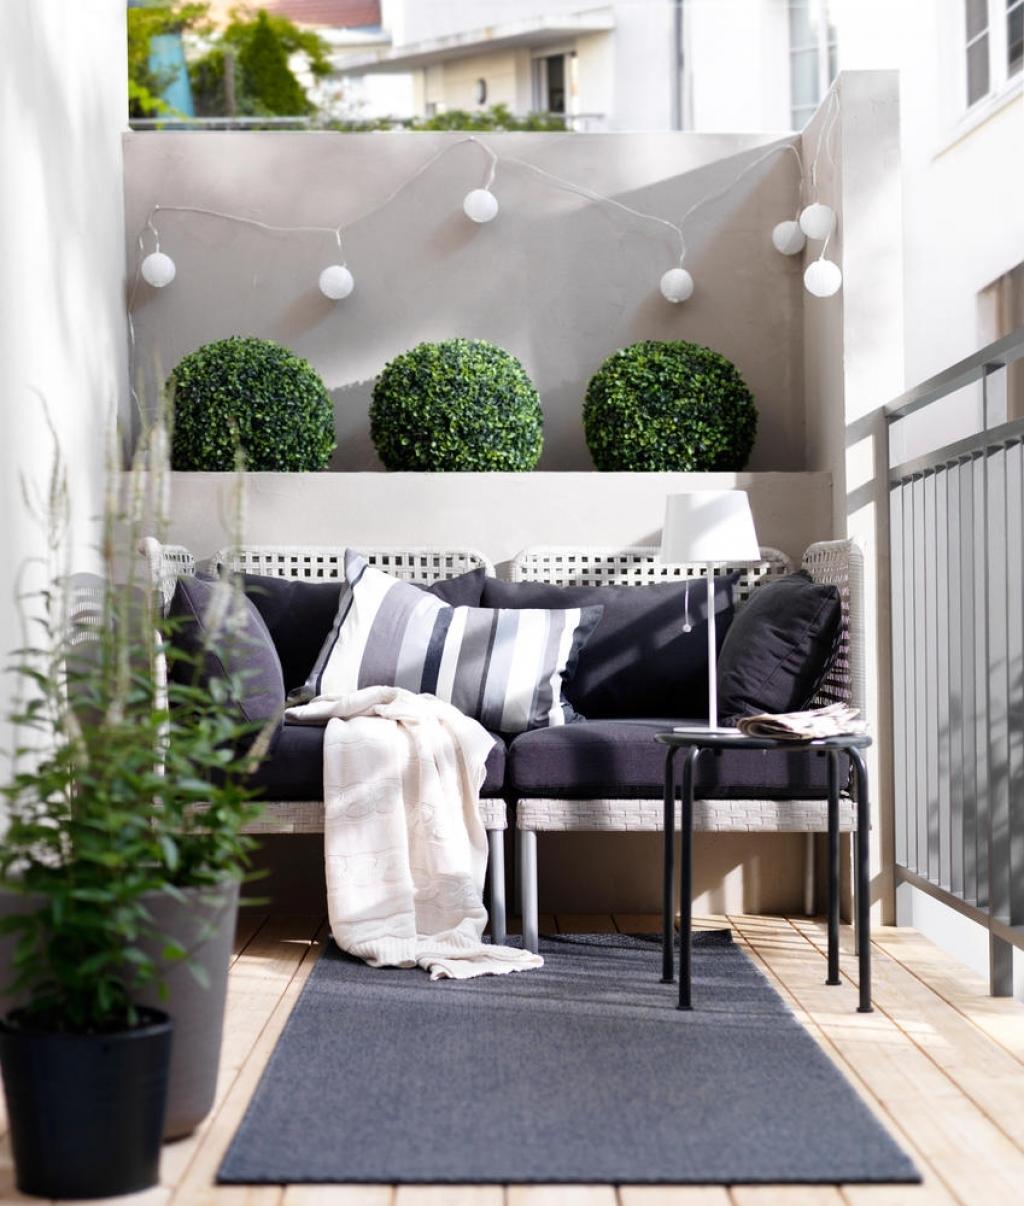 Sitzbank Balkon Ideen 544 Bilder Roomido Sitzbank Für Balkon Sitzbank Für Balkon Bilder Das Sieht Wunderbar Wie Dein Wohndesign